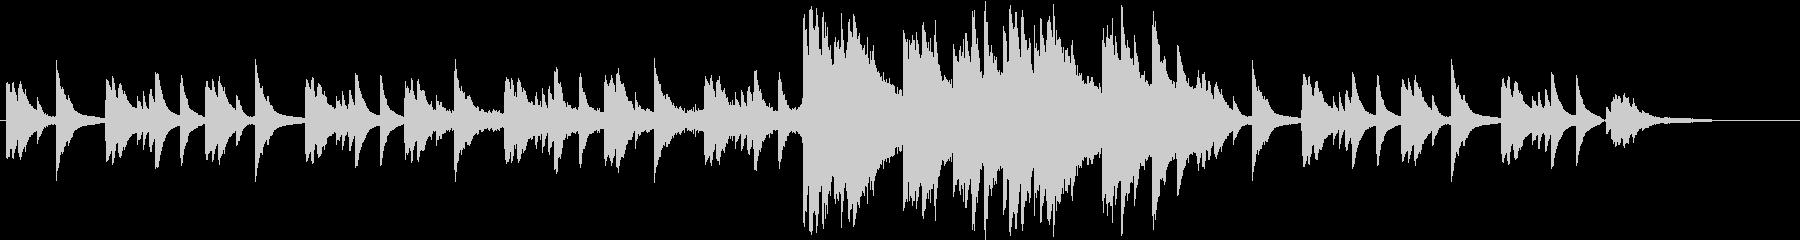 ピアノがメインのアンビなインストですの未再生の波形